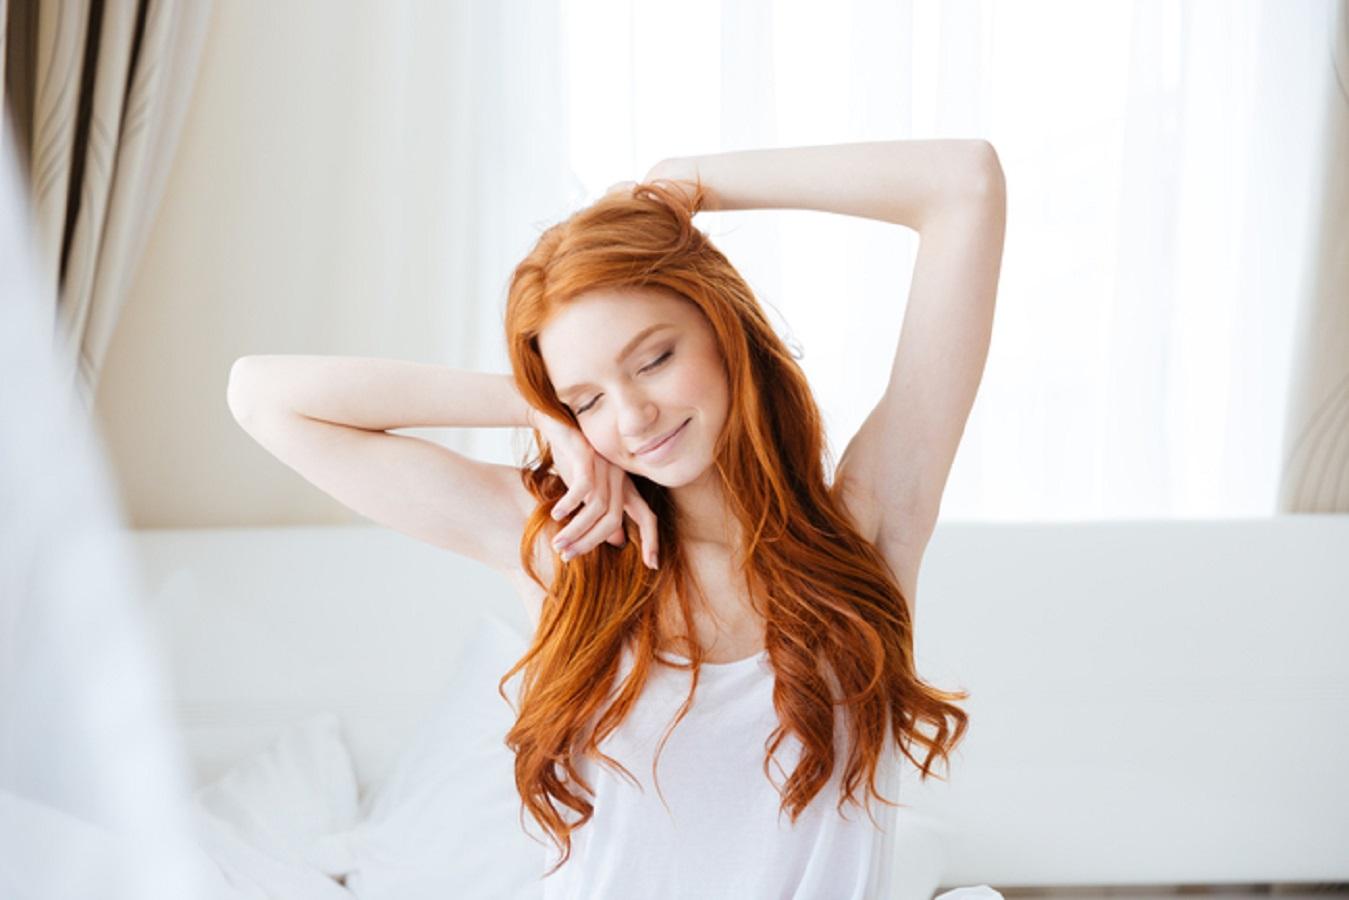 Dormire con il partner migliora il sonno: odore rassicura